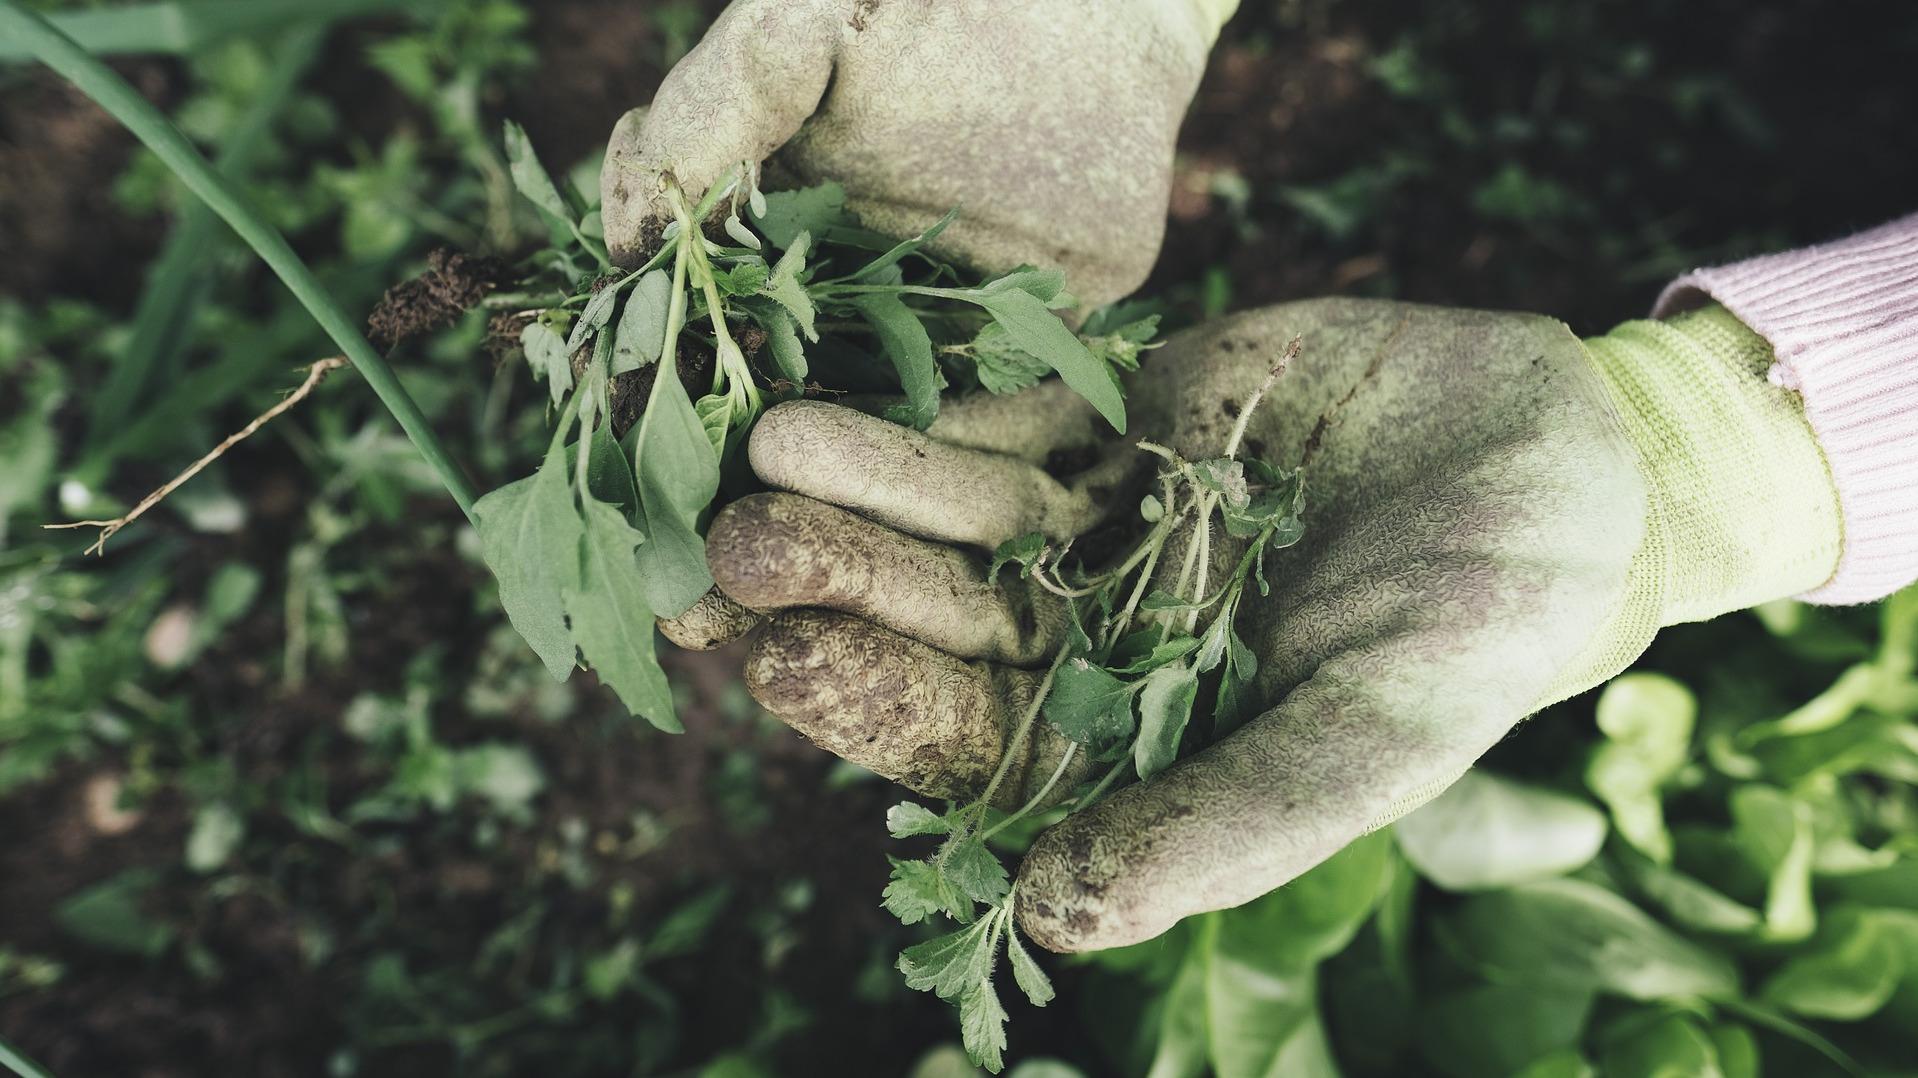 Person bei der Gartenarbeit - Mit Crowdworking lassen sich Vor-Ort-Informationen vom POS oder POI schnell und günstig beschaffen